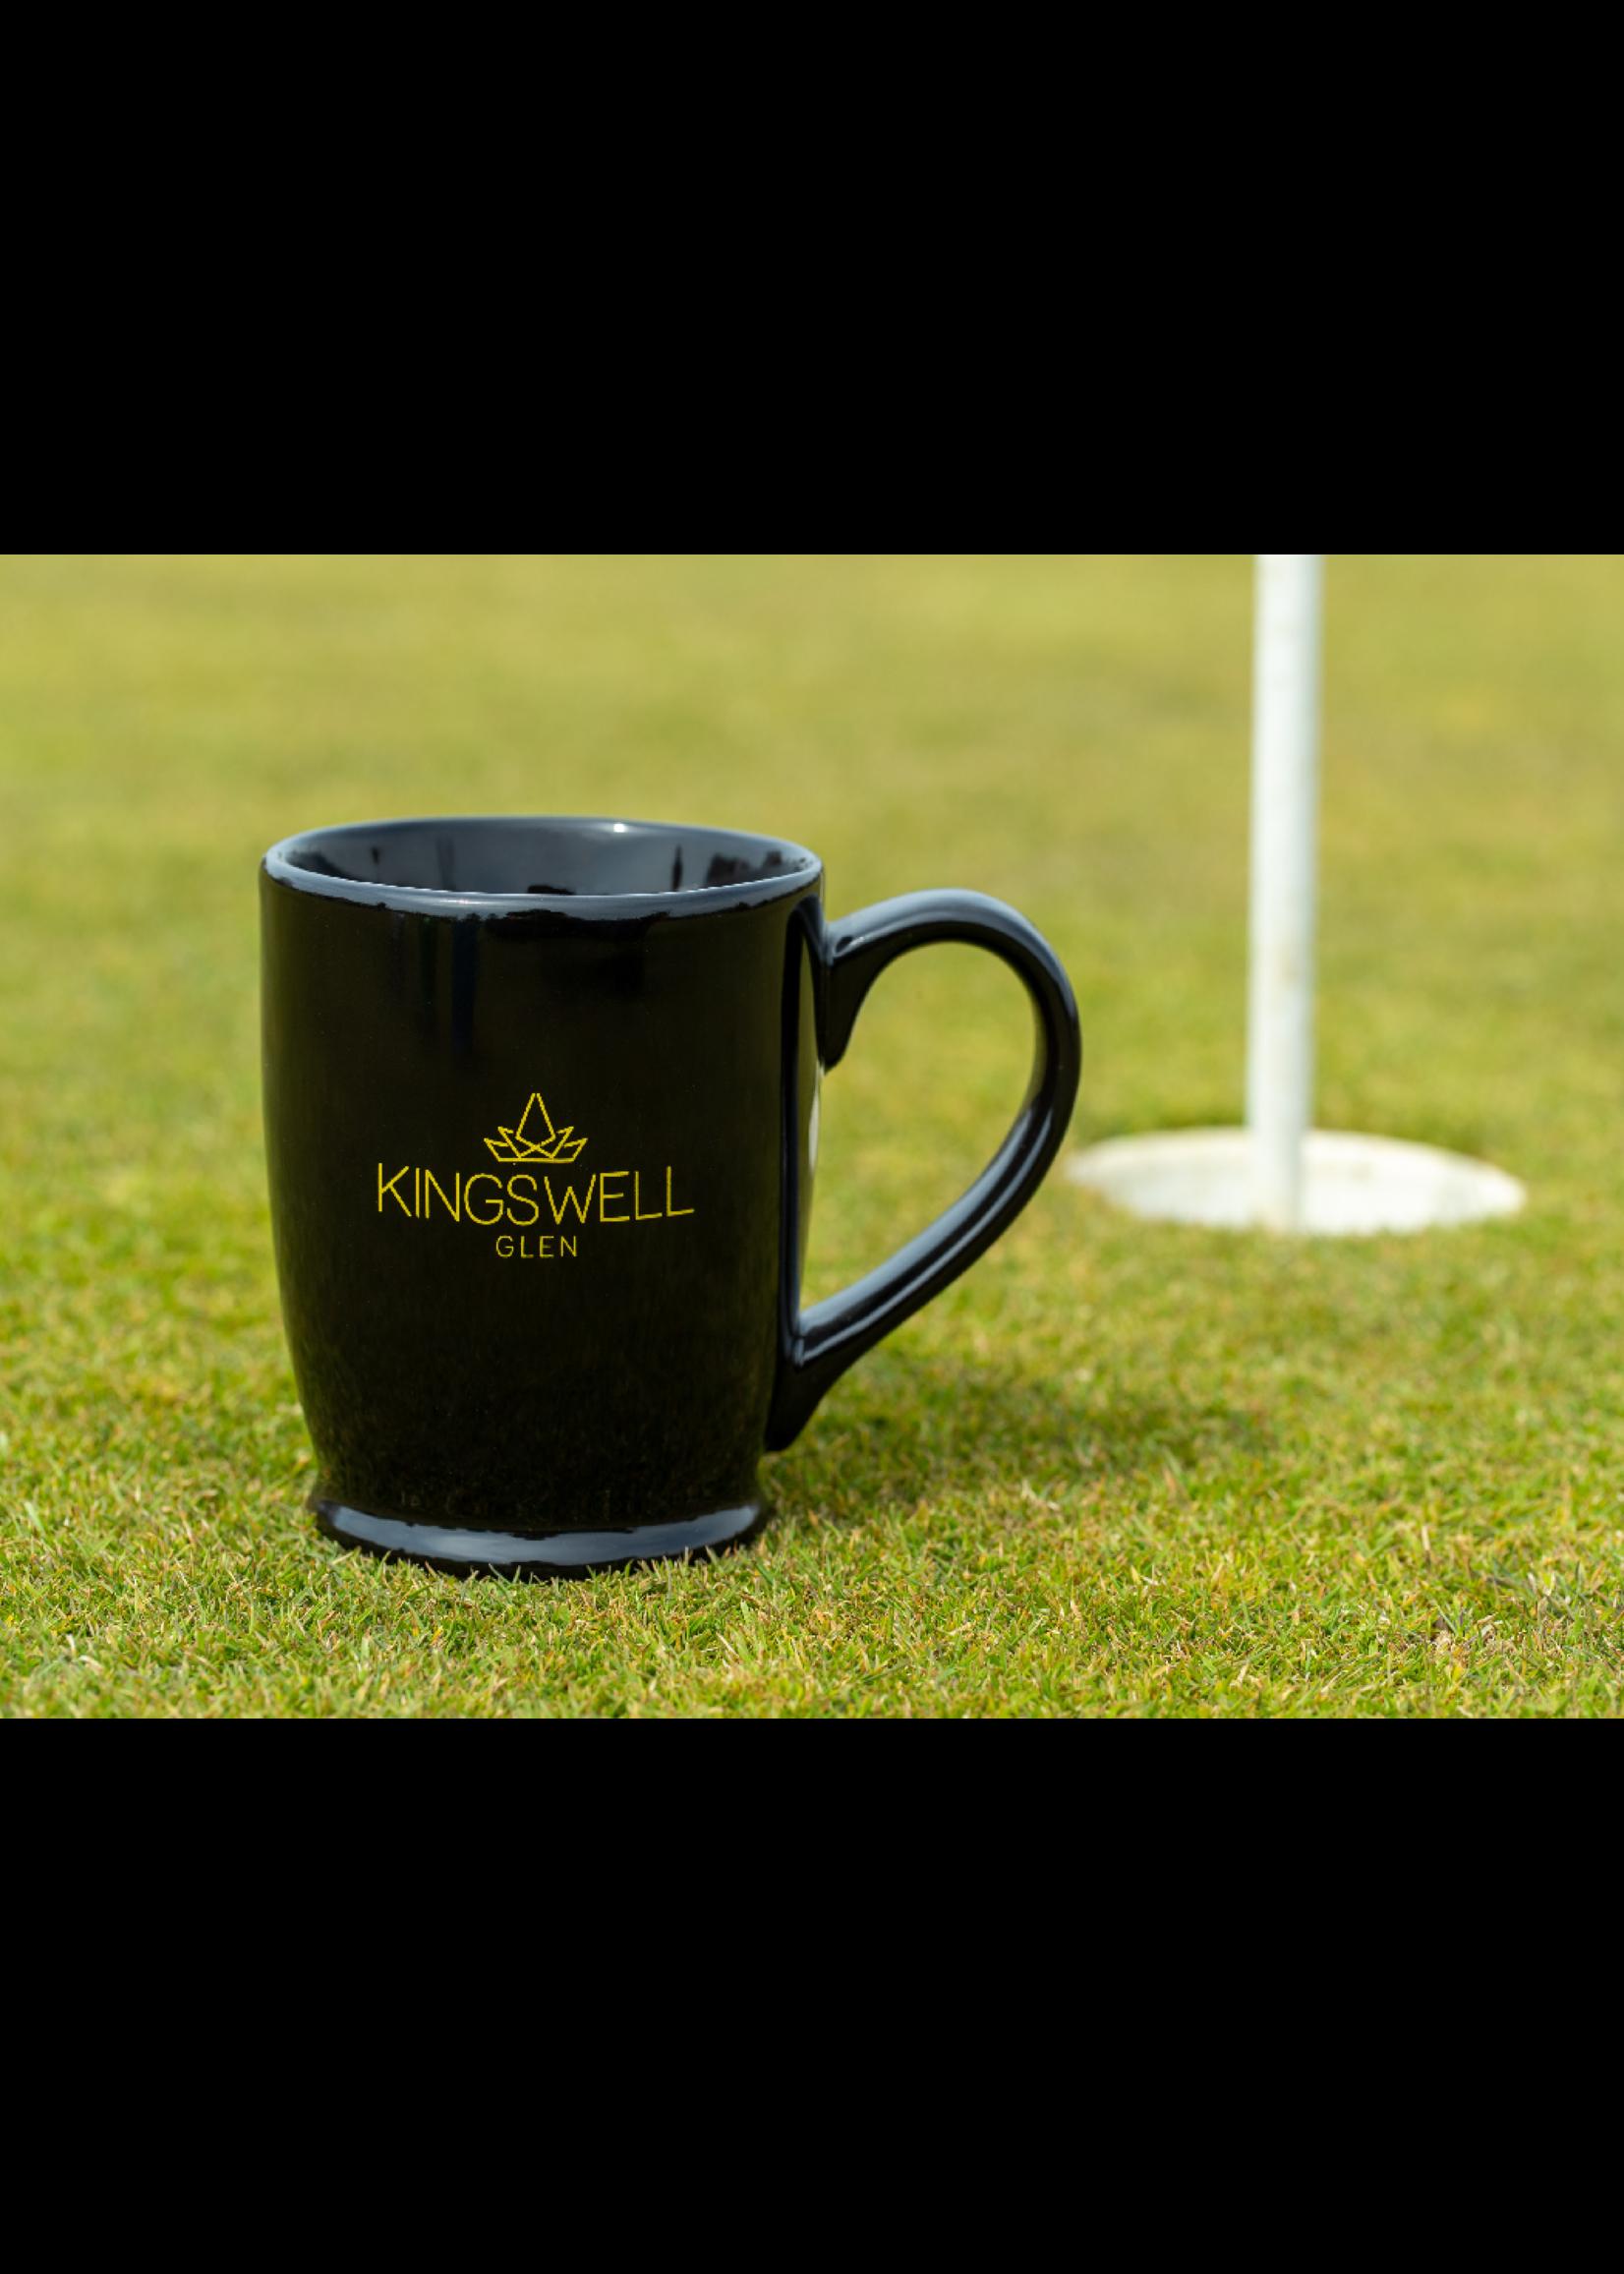 KINGSWELL GLEN Mug